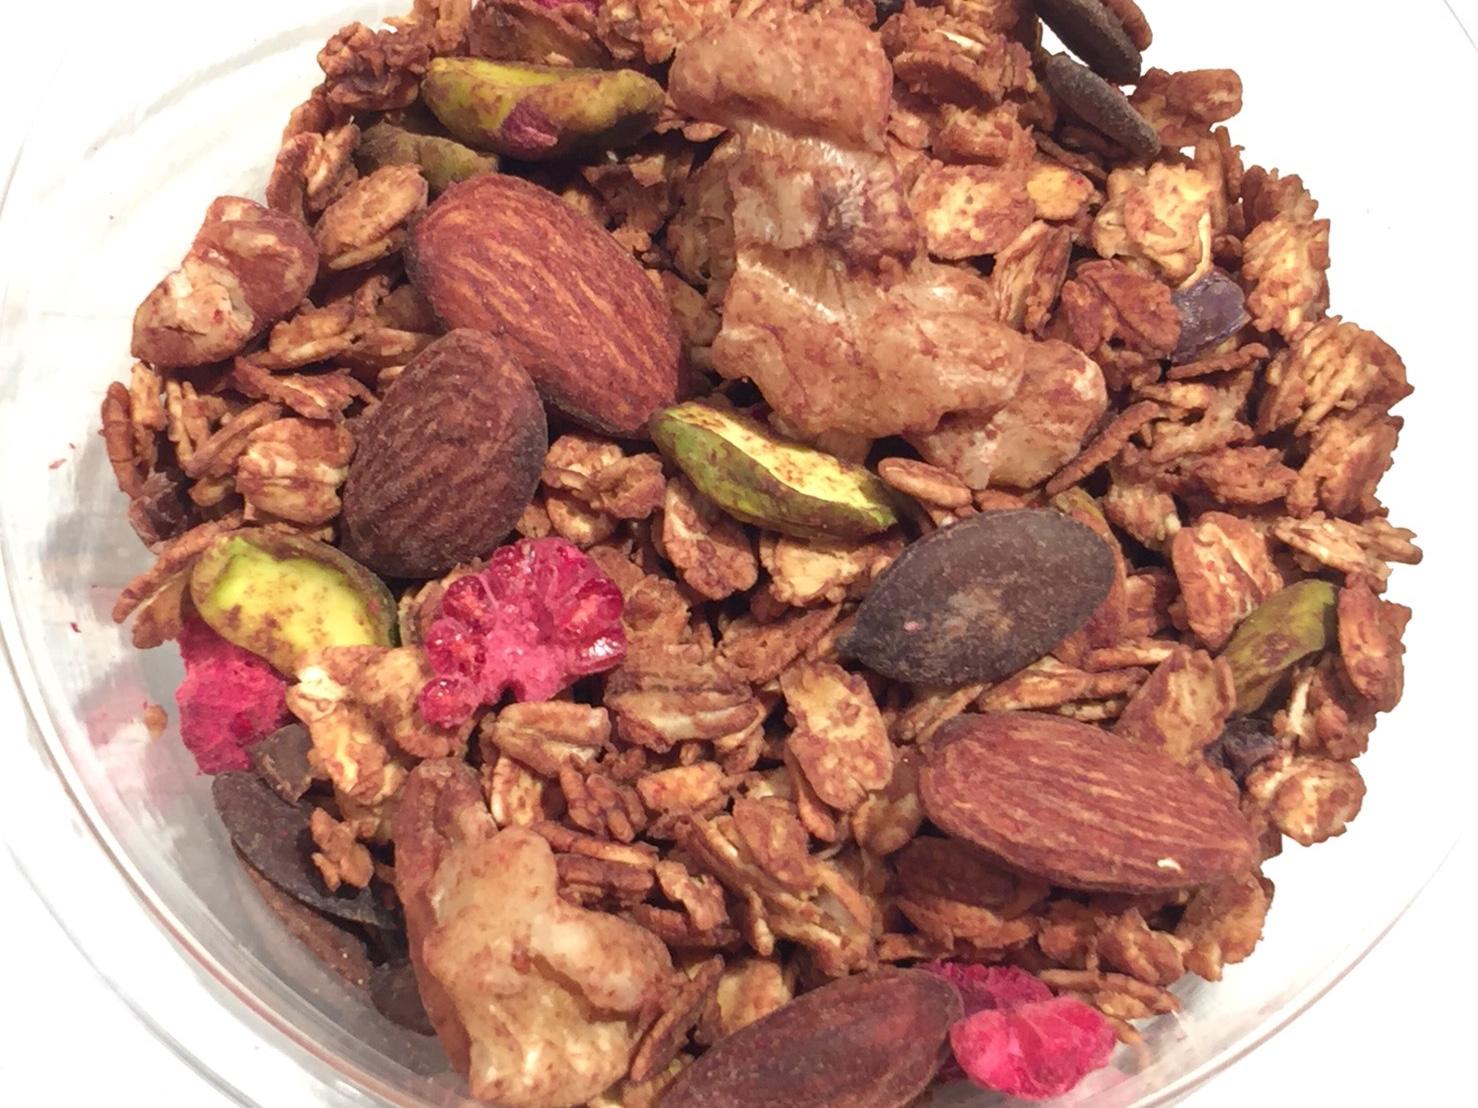 限定 ヘルシーカカオ グラノーラ * Healthy Cacao Granola  270g